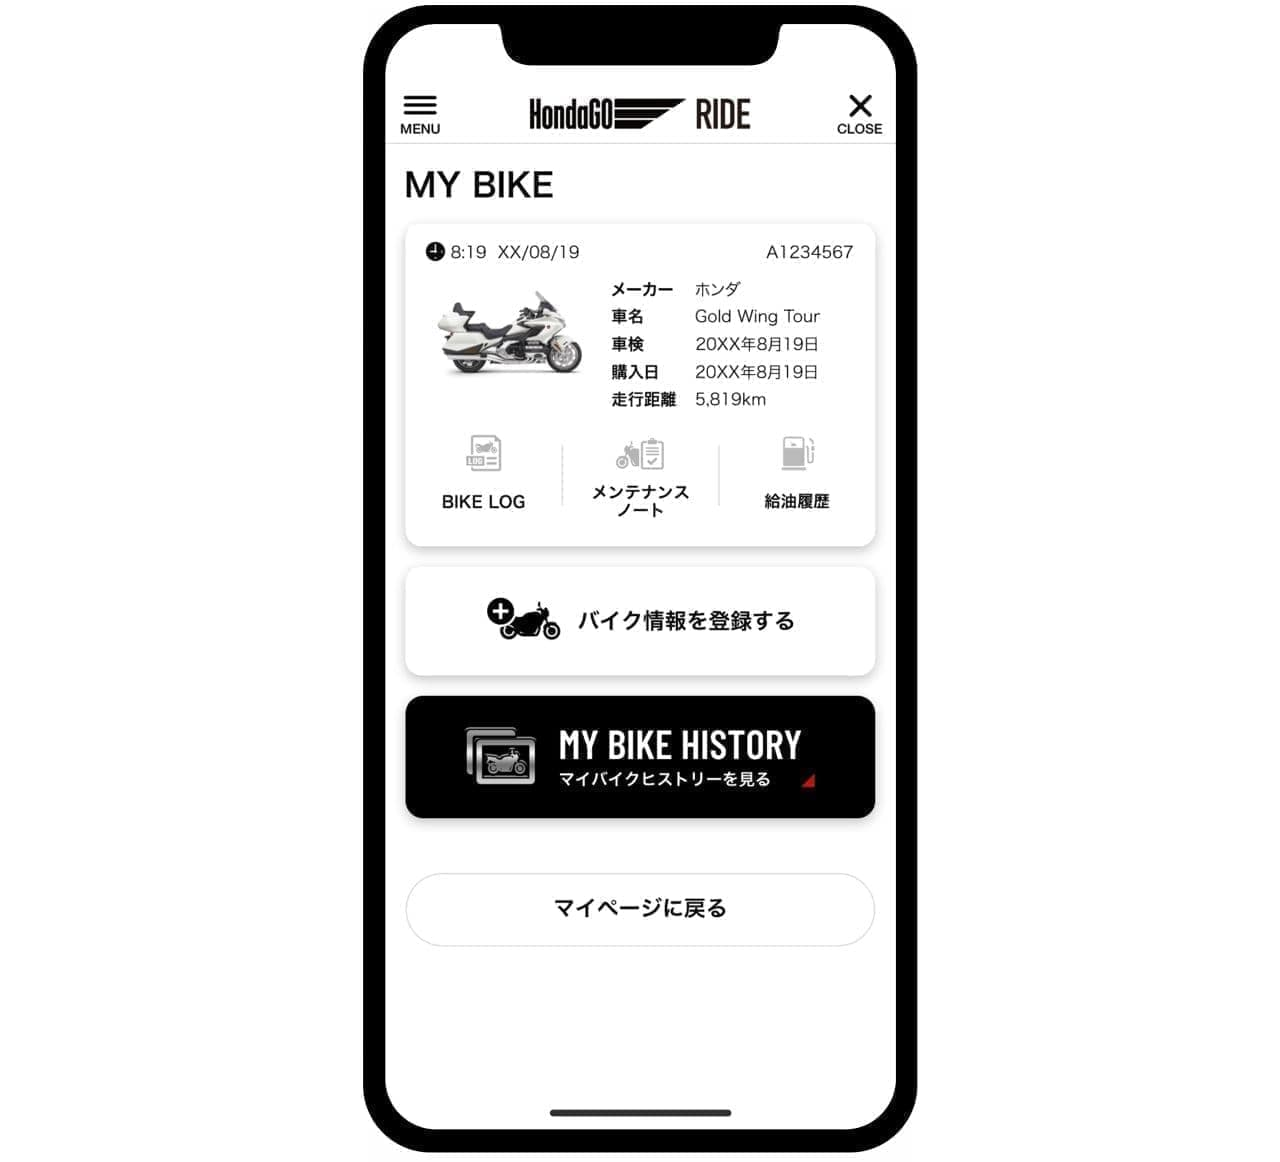 ホンダがバイク乗り向けのスマホアプリ 「HondaGO RIDE」を提供開始